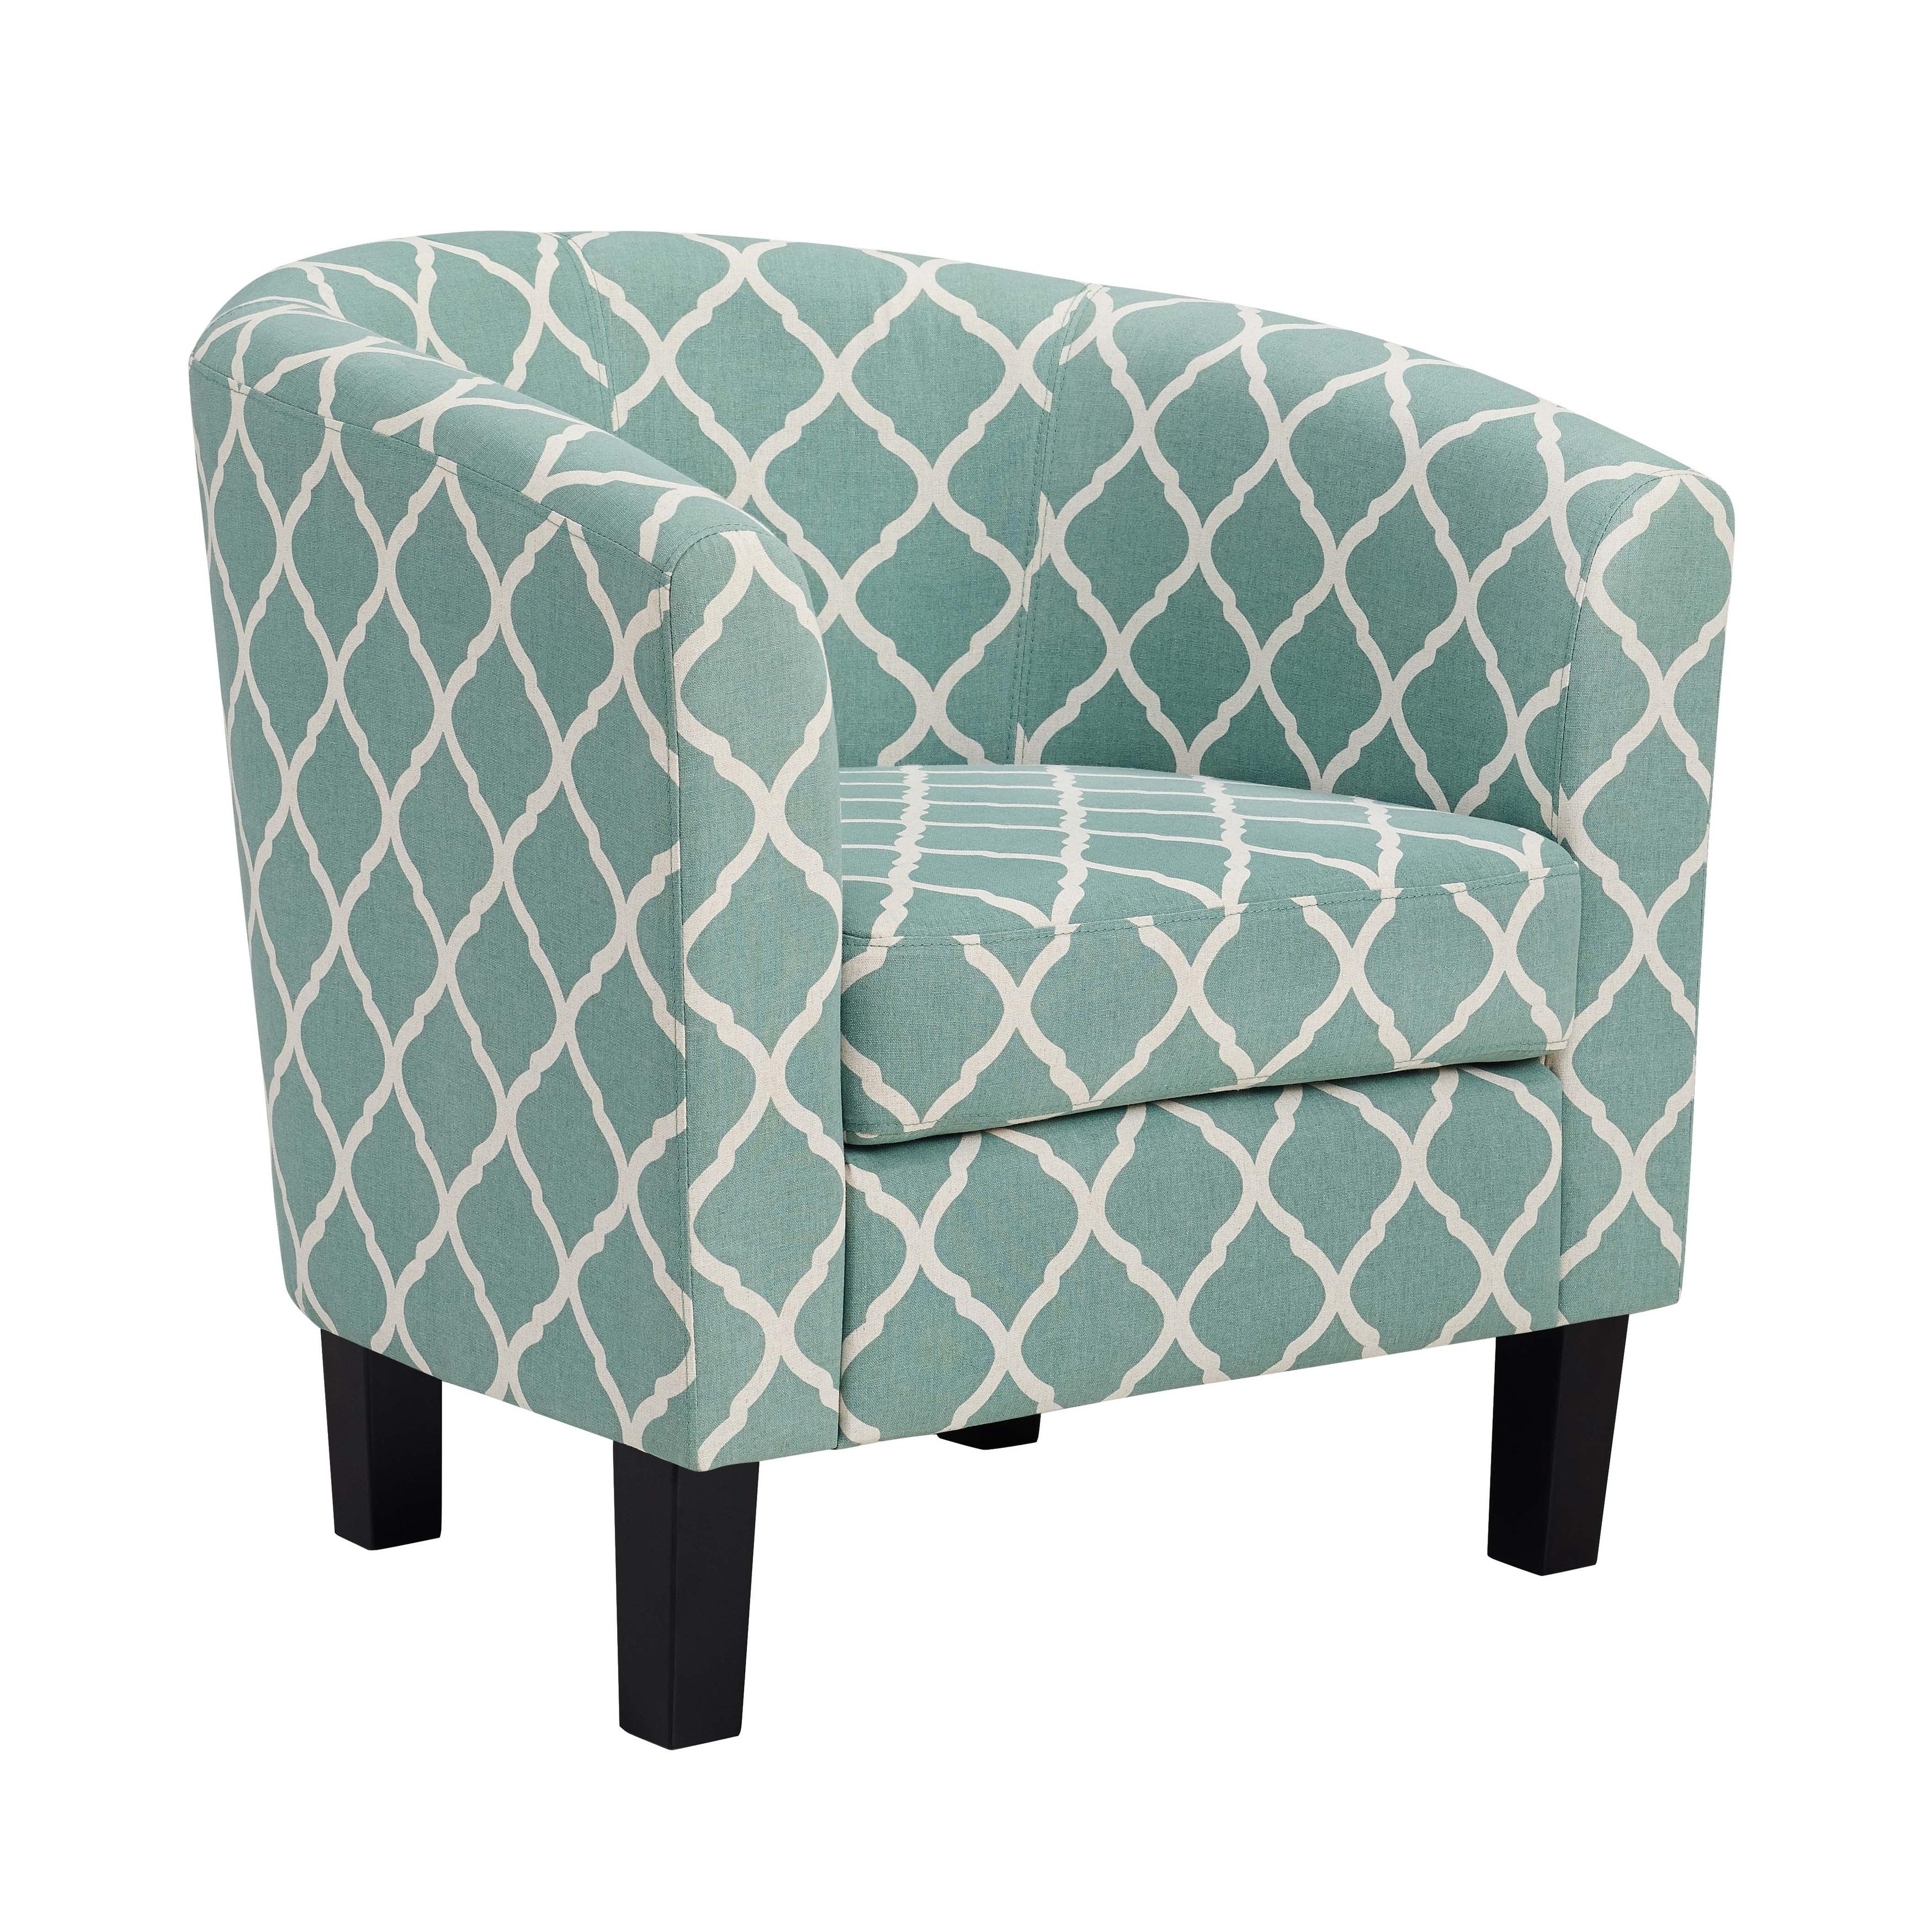 Porch & Den Corktown Elizabeth Tub Chair (As Is Item) - Free ...